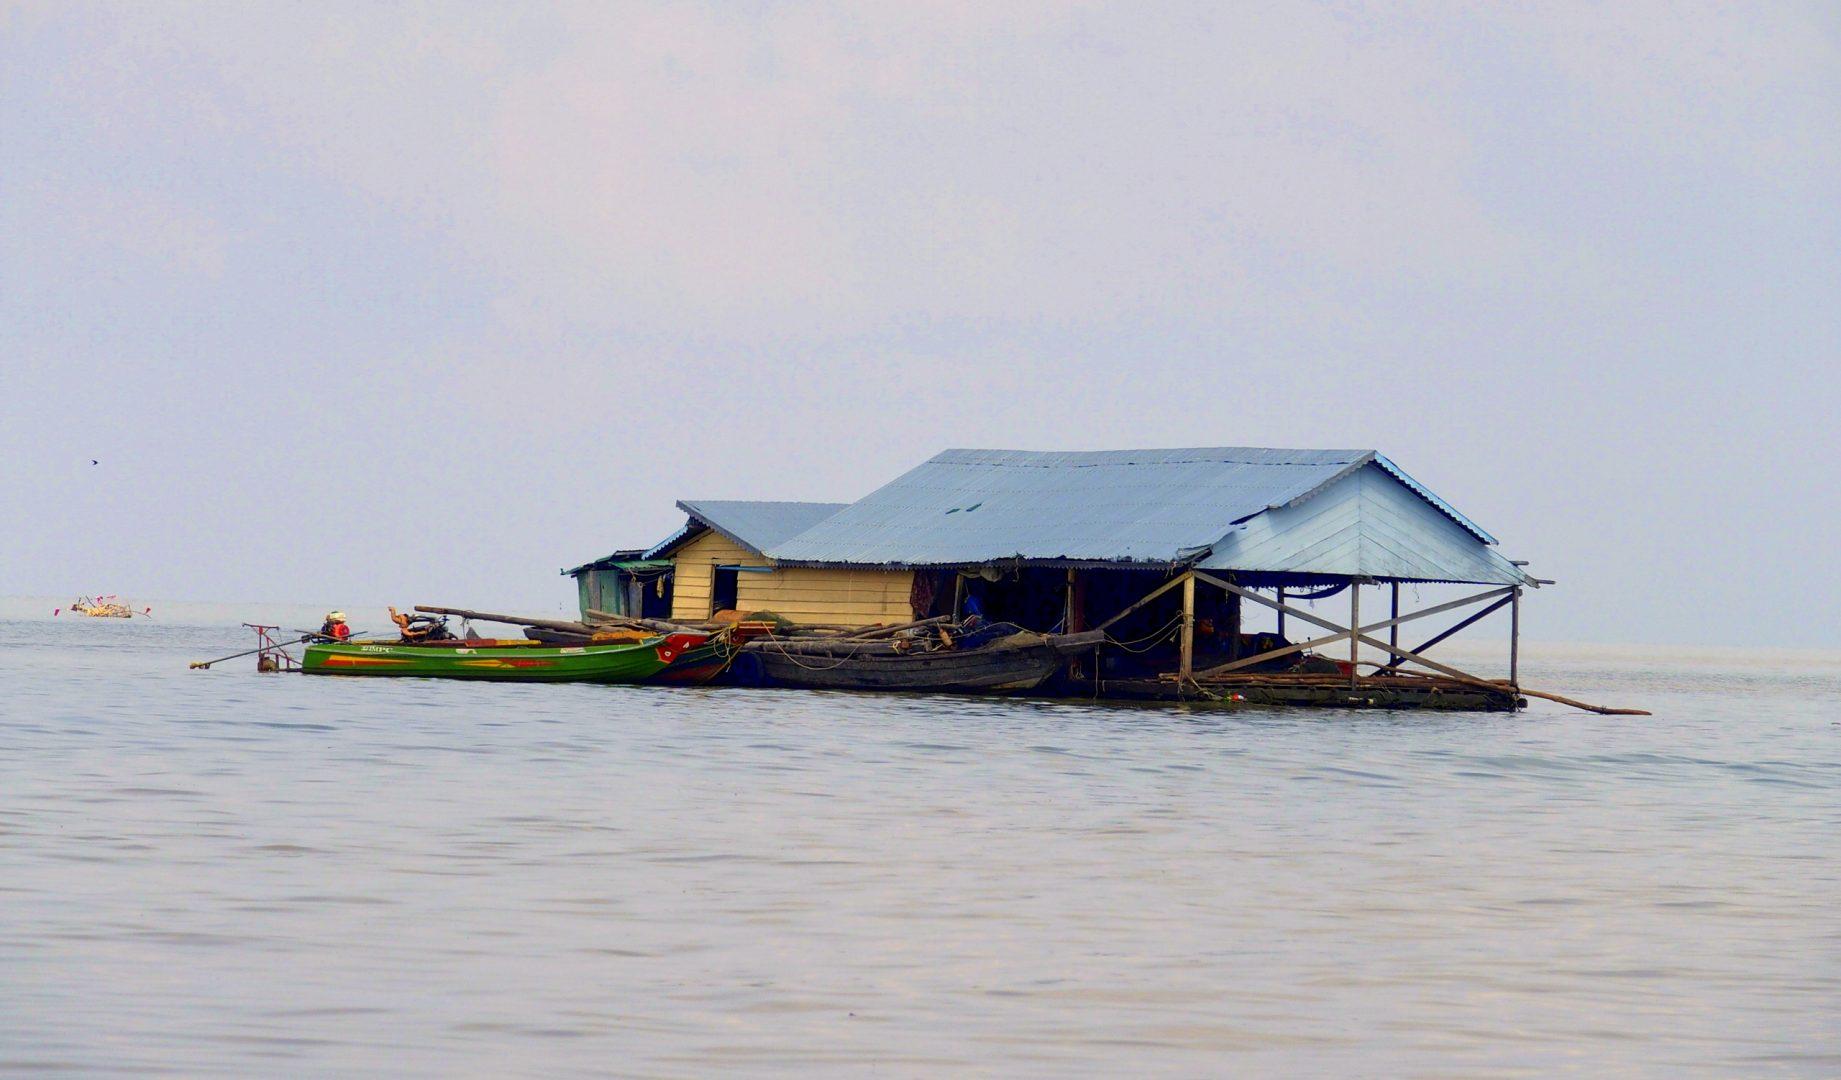 Maisons flottantes sur lac Tonle Sap Cambodge